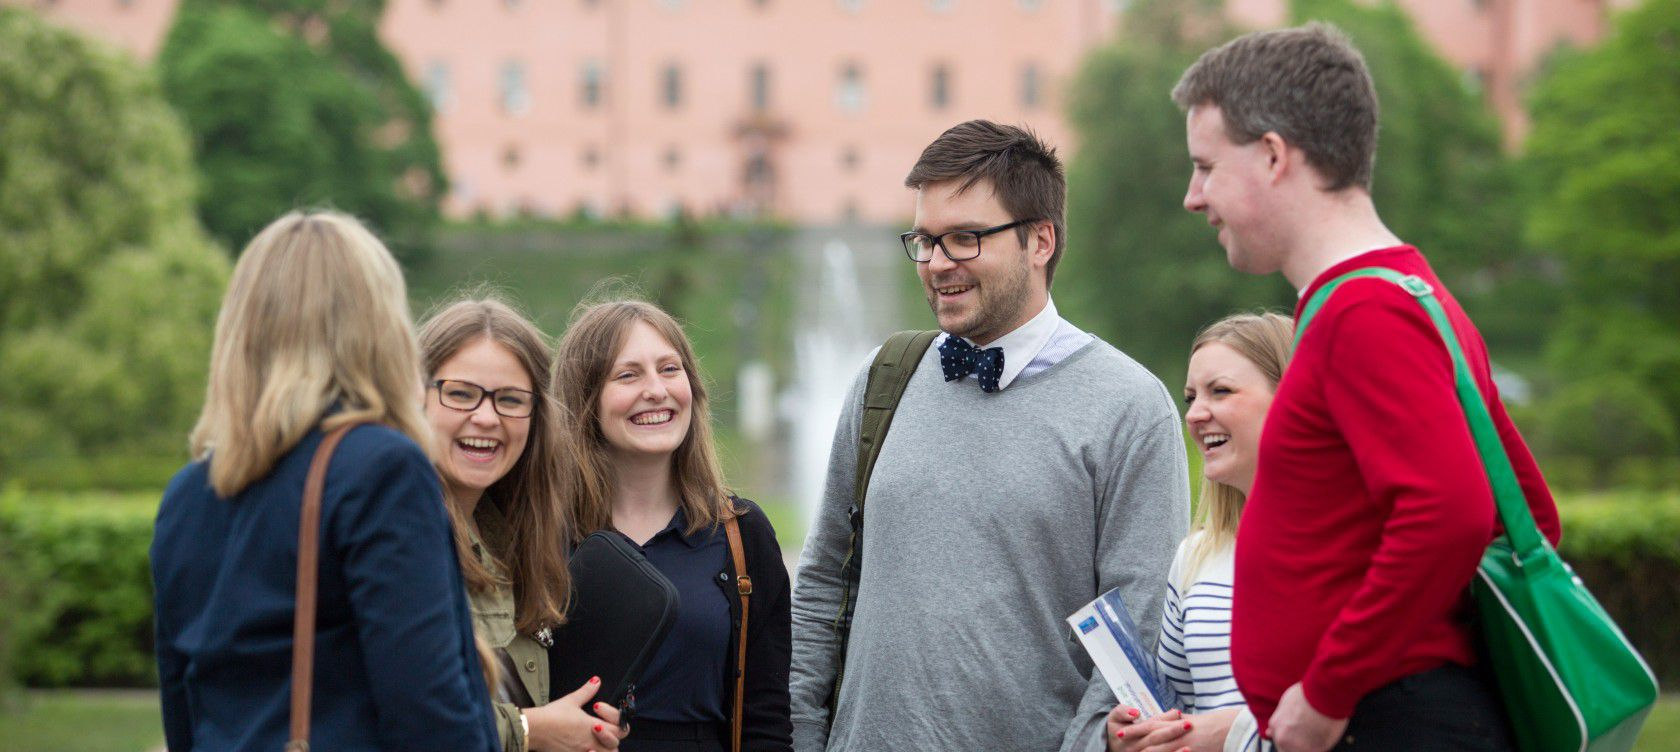 İsviçre Devlet Bakanlığı Lise Eğitim Programları Hakkında Merak Edilen Tüm Detaylar